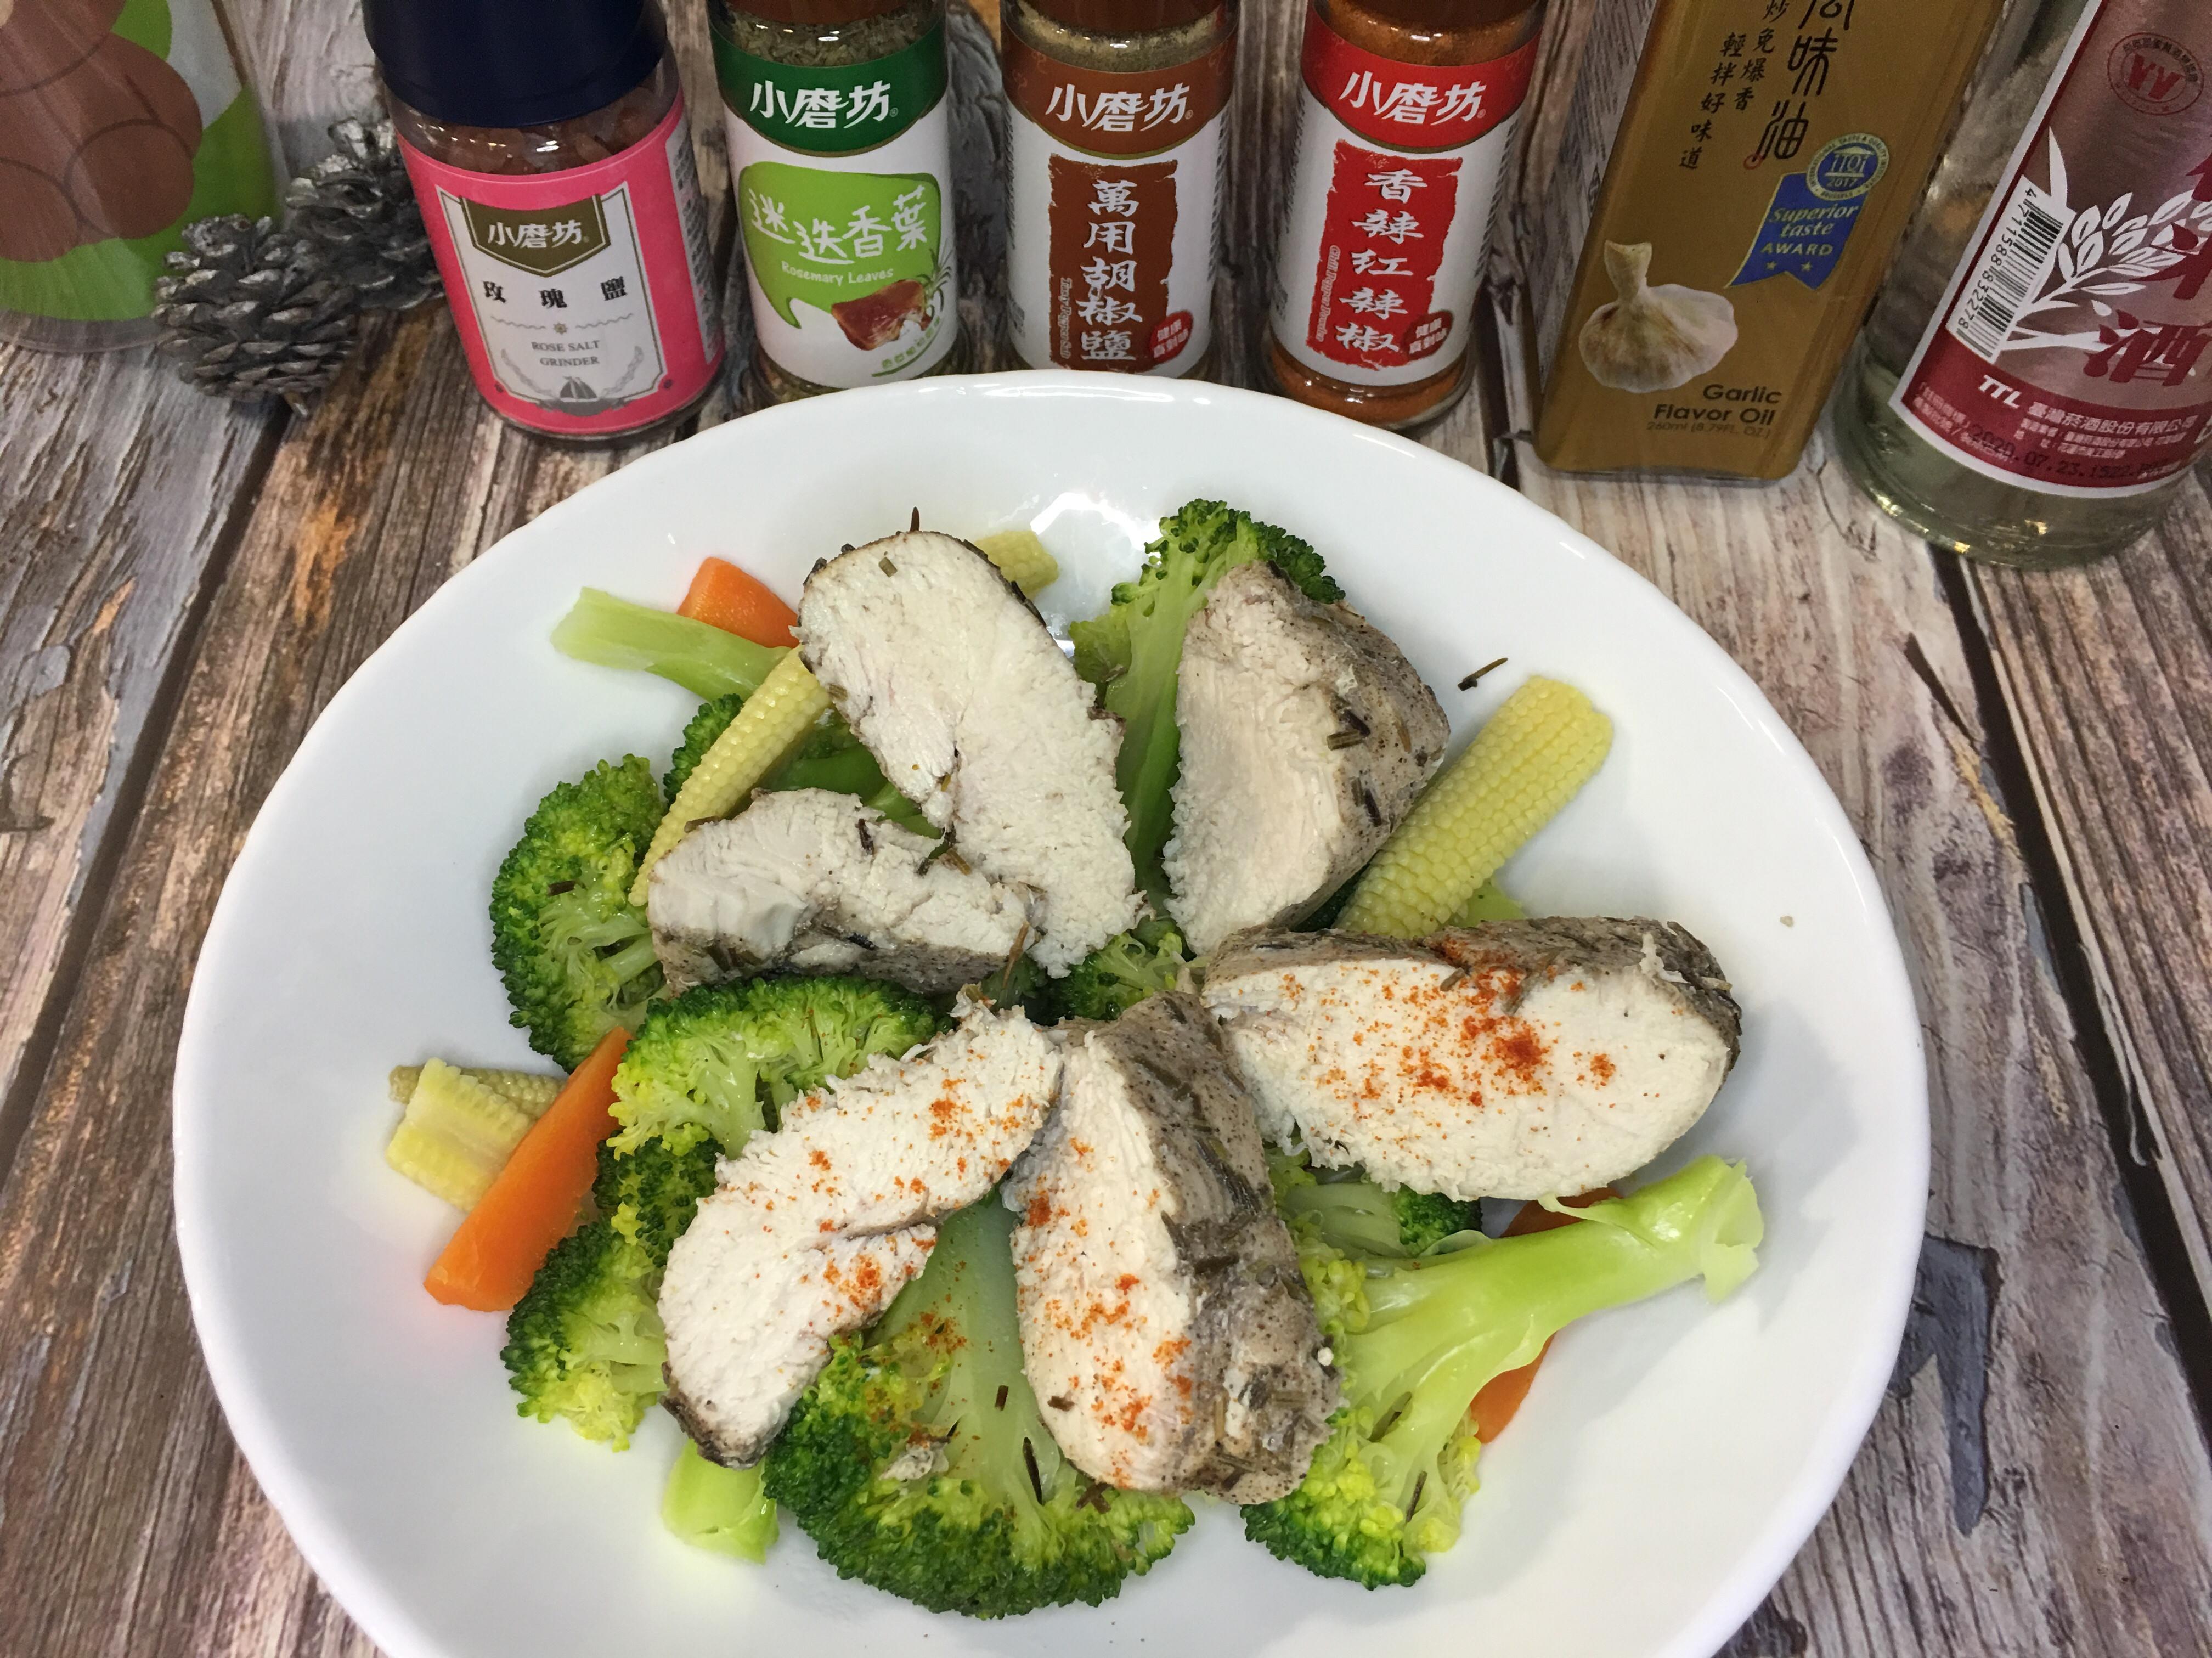 鹽水雞胸肉